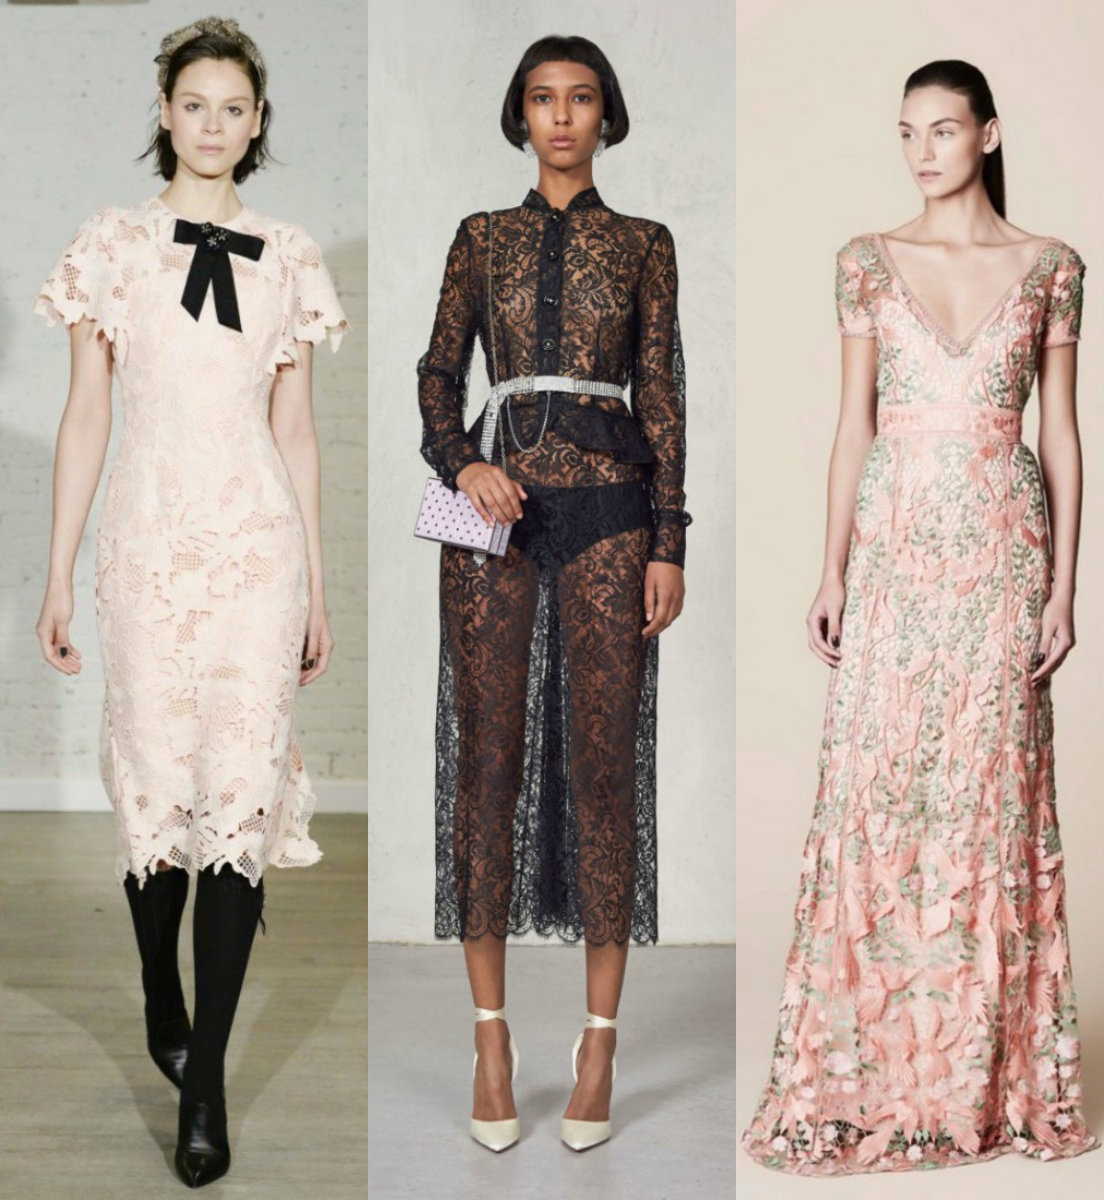 модные тенденции платьев 2019: кружевные модели